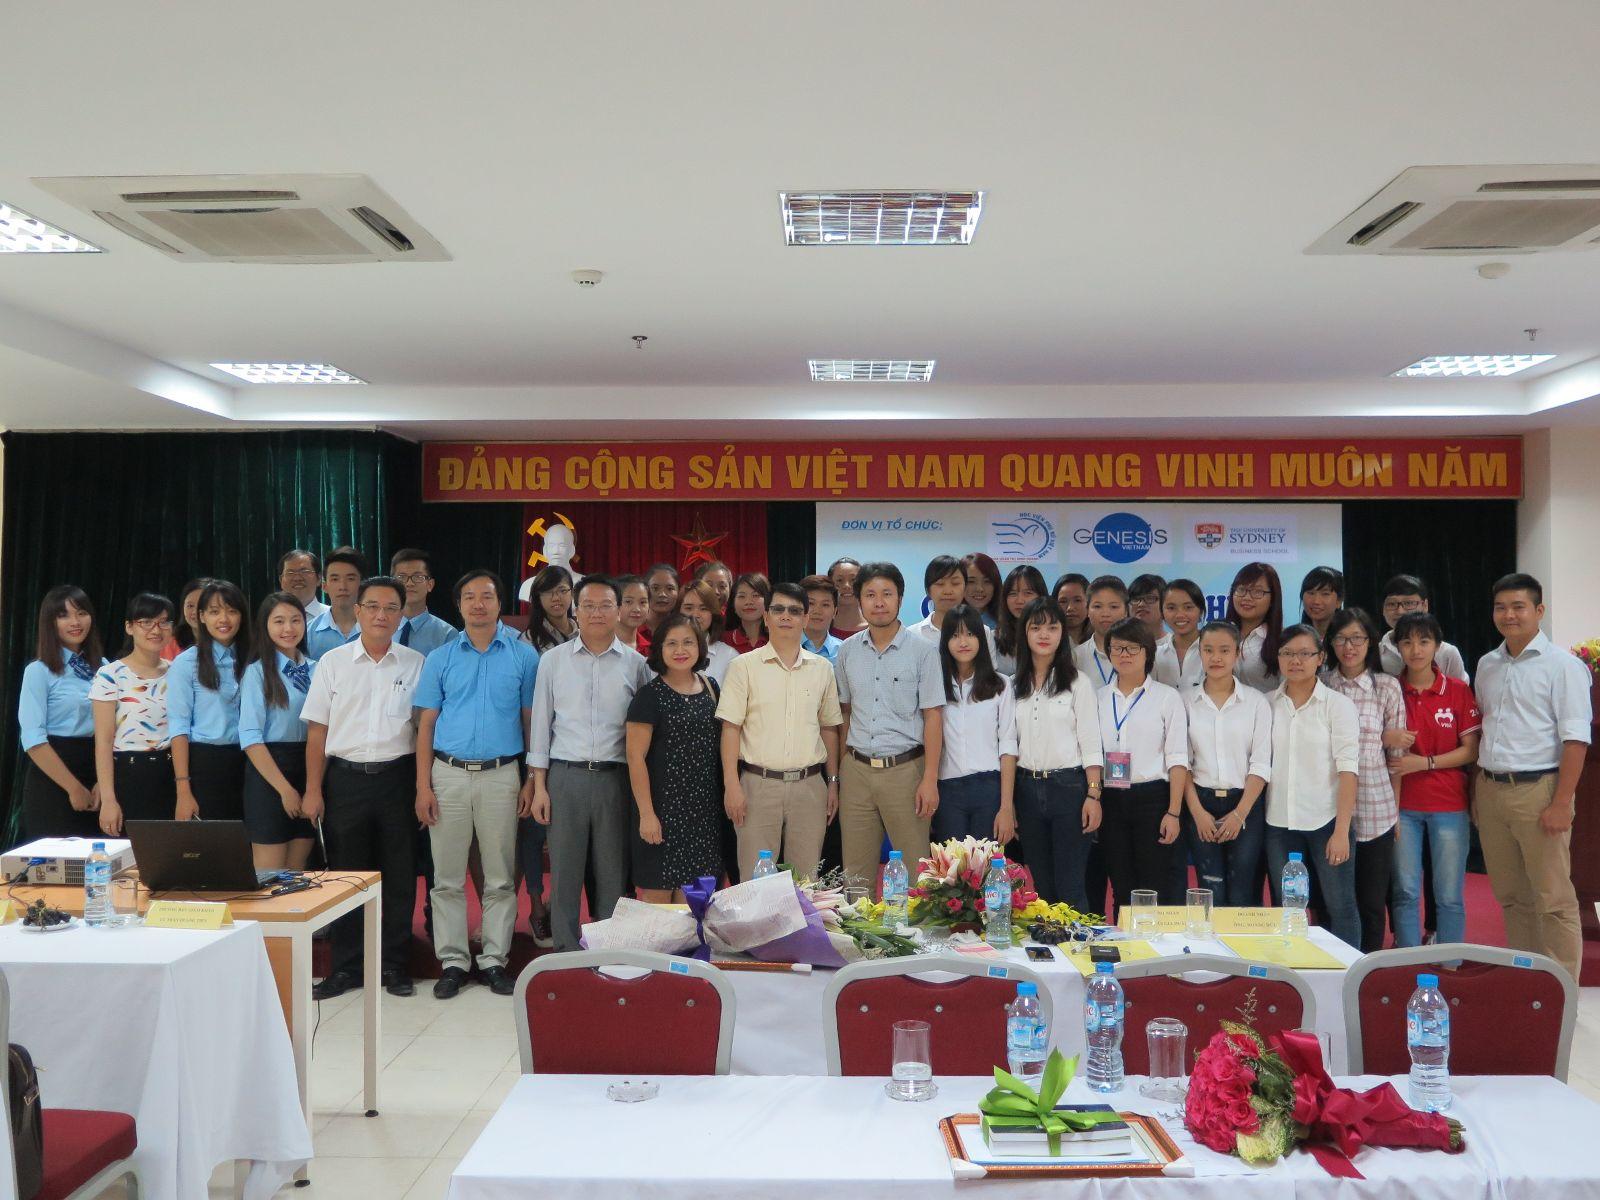 Chương trình đào tạo cử nhân chính quy ngành QTKD tại Học viện Phụ nữ Việt Nam